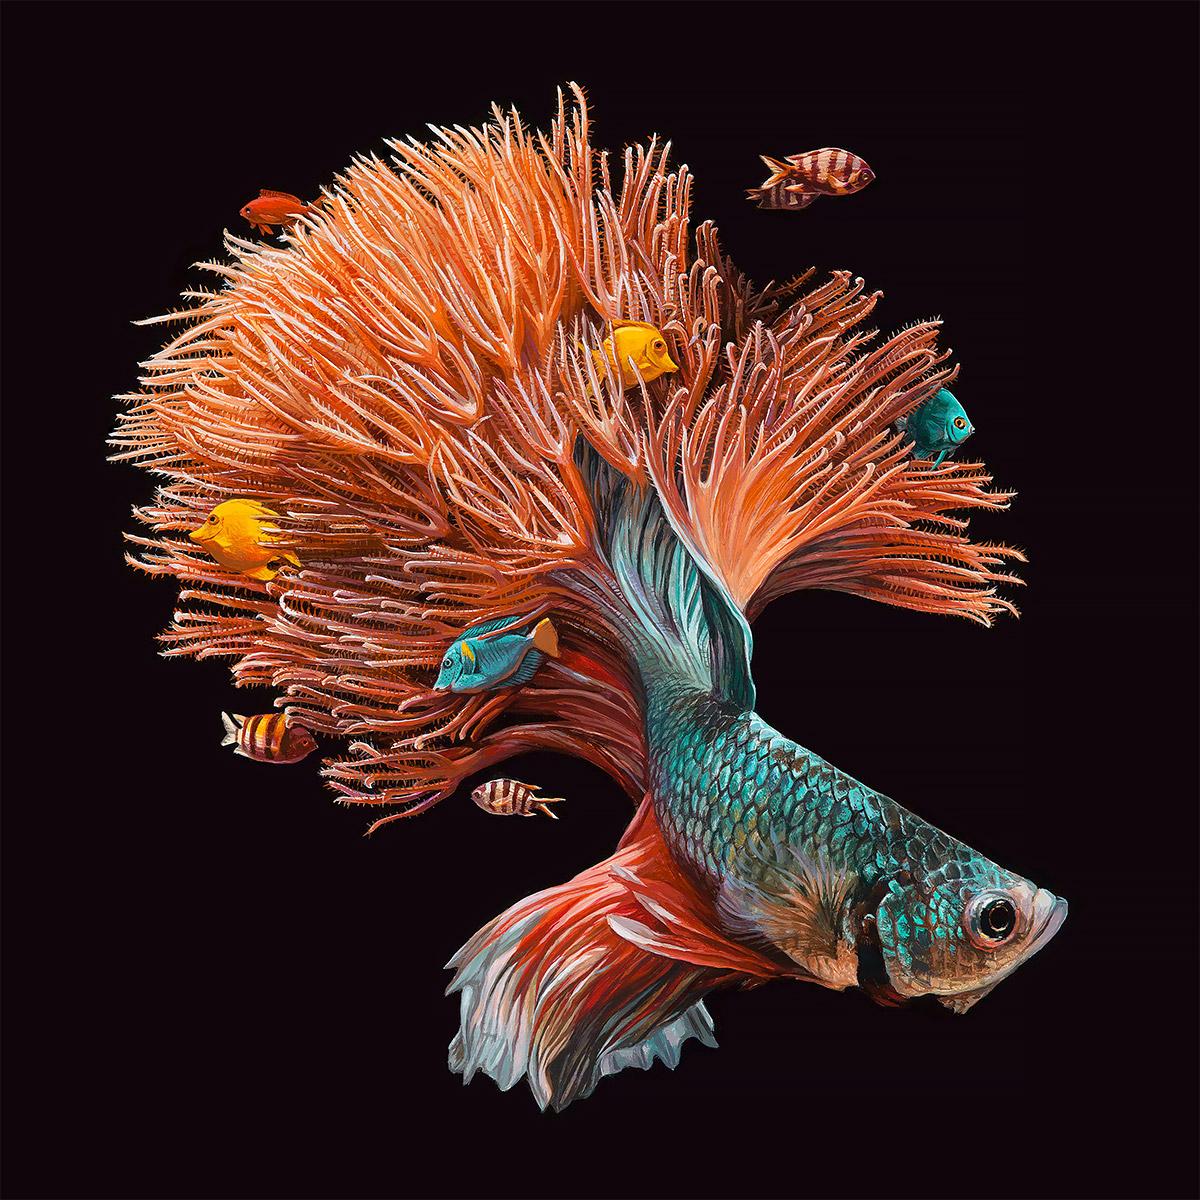 鱼和珊瑚:lisa ericson超现实主义绘画作品